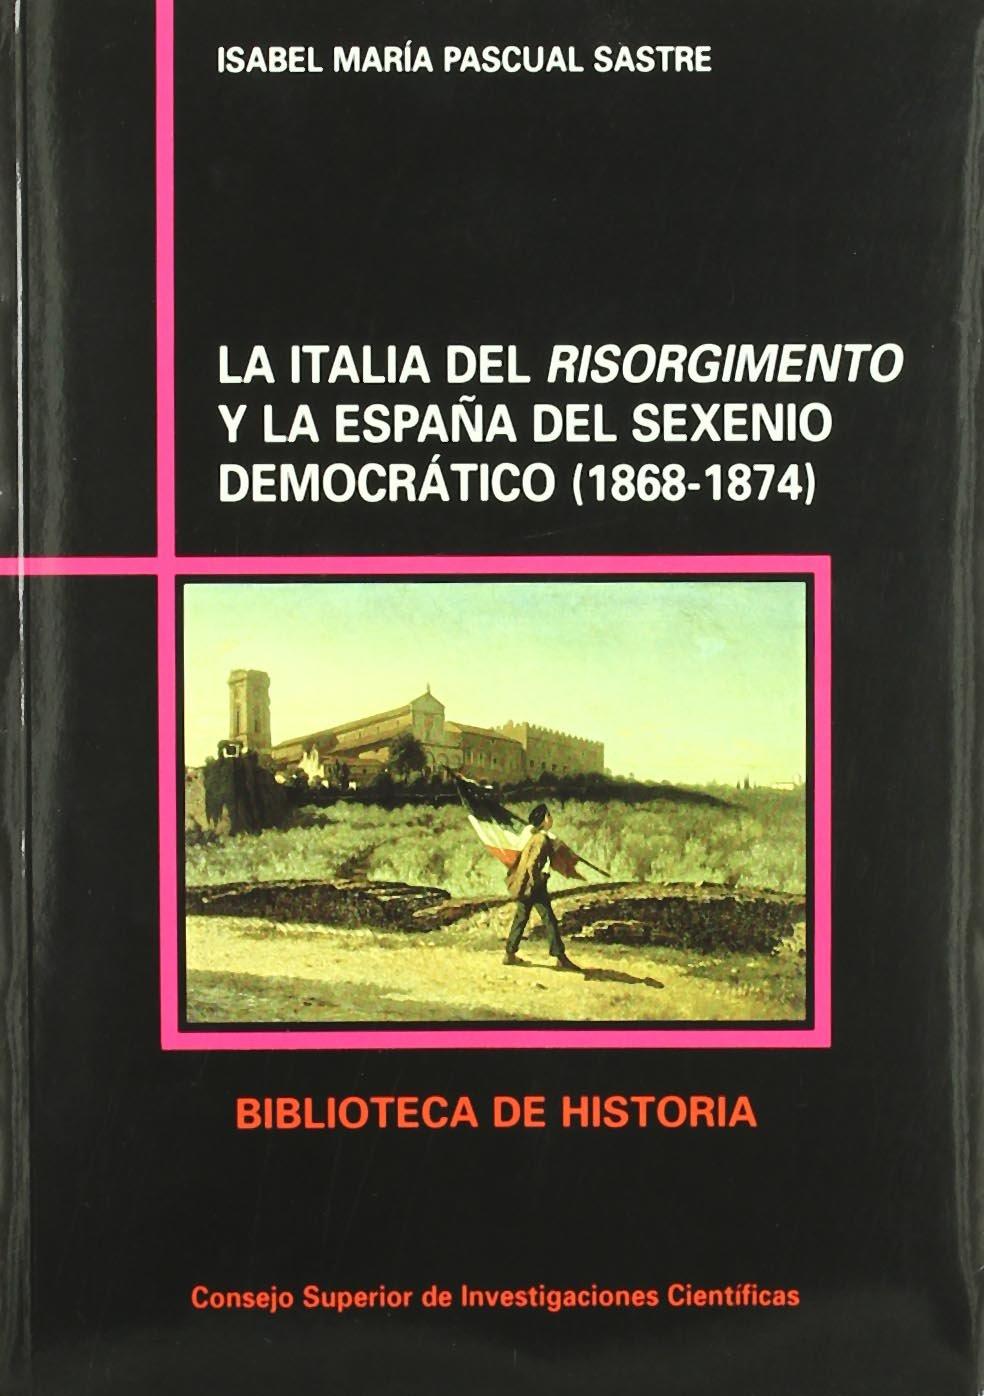 La Italia del Risorgimento y la España del Sexenio democrático 1868-1874 Biblioteca de Historia: Amazon.es: Pascual Sastre, Isabel Mª: Libros